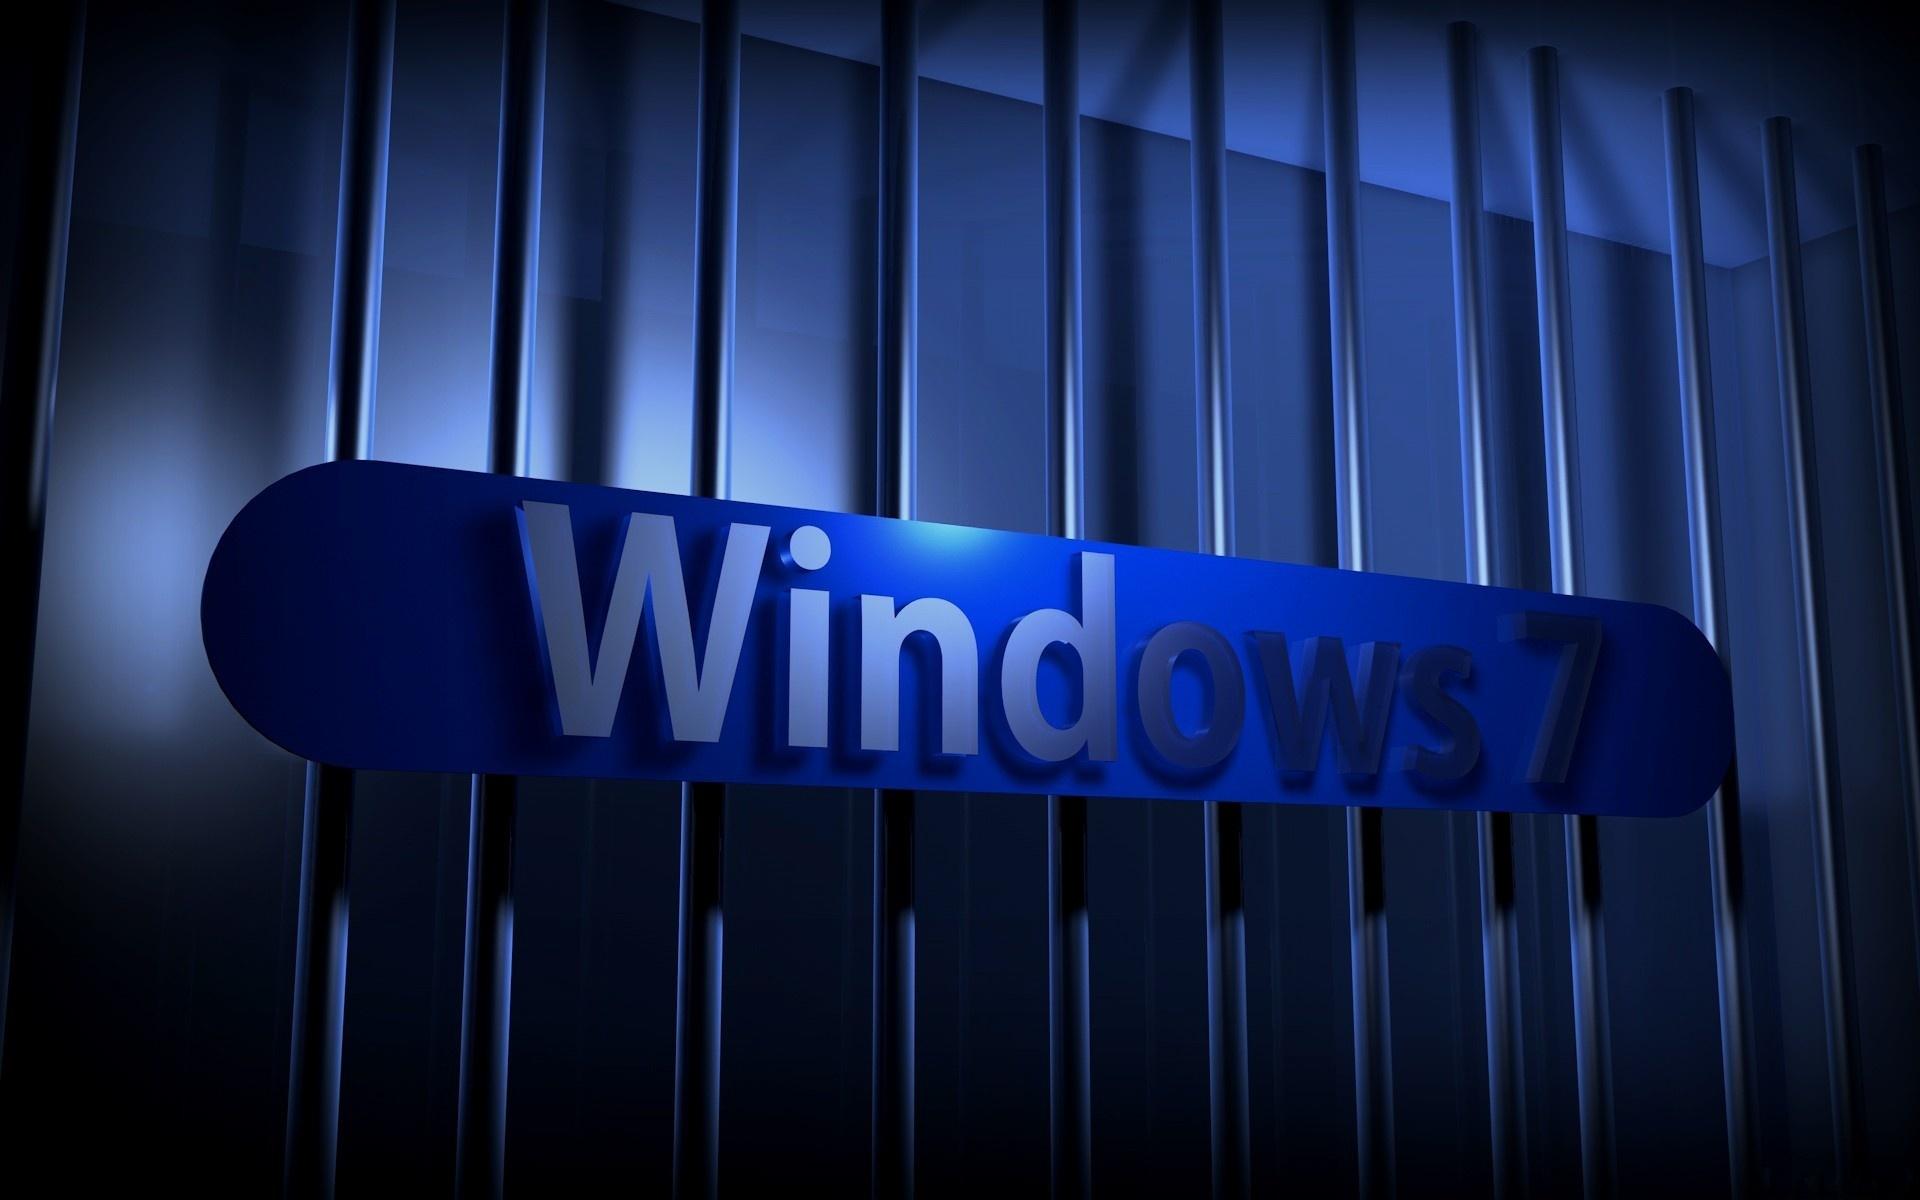 windows 7 fonds d 39 cran arri res plan 1920x1200 id 415219. Black Bedroom Furniture Sets. Home Design Ideas